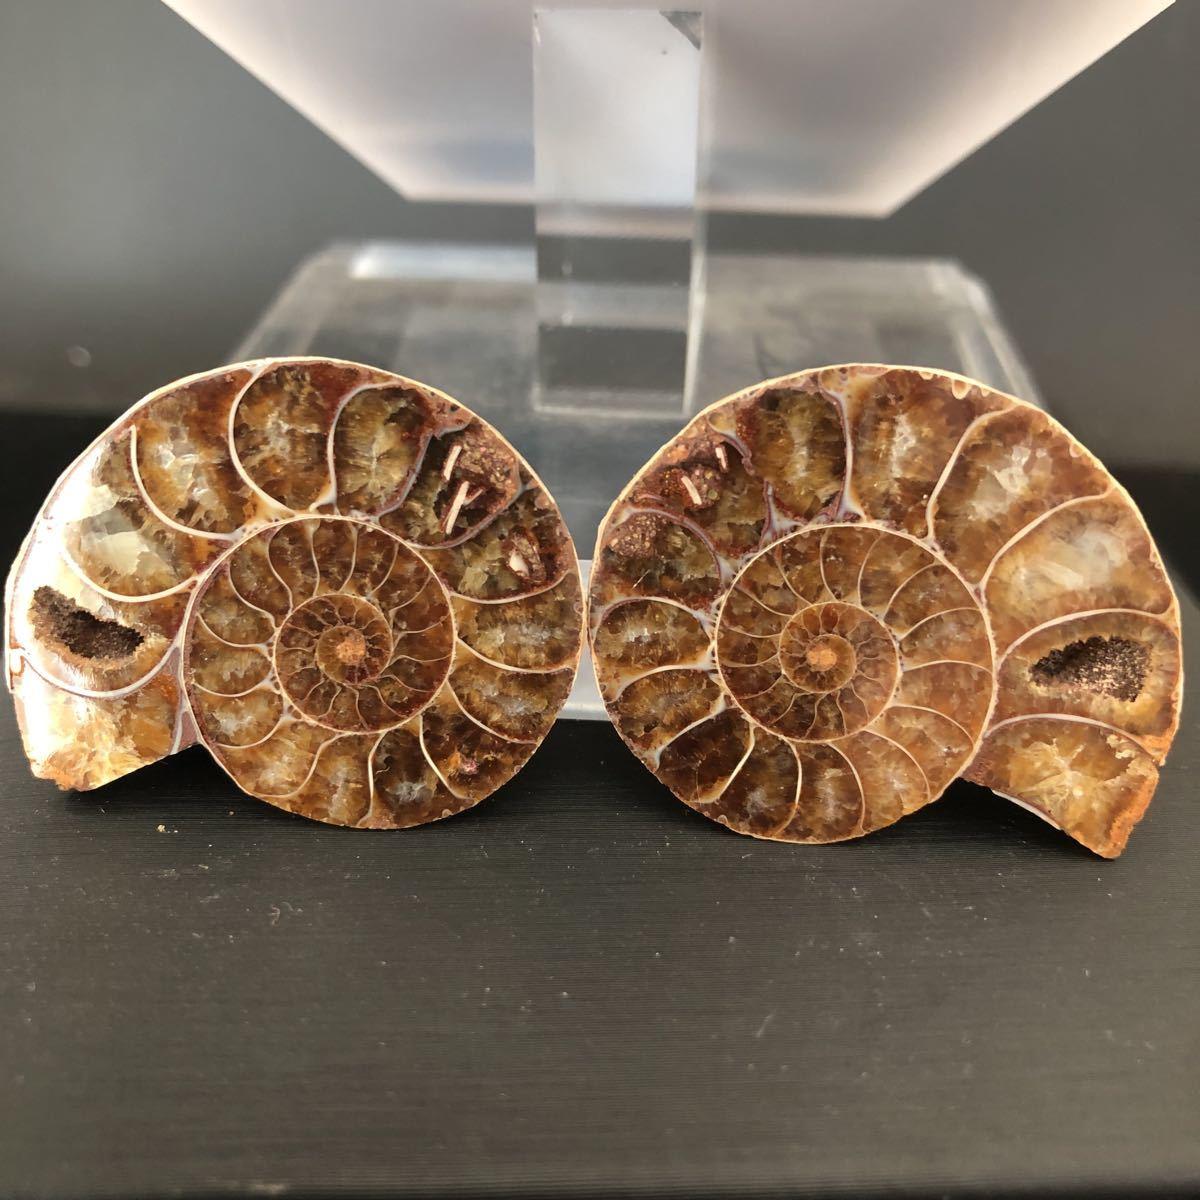 【古憶】化石 アンモナイト 断面 マダガスカル産 方解石化 標本 鉱物 原石 天然石2個セント21.5g/qp70